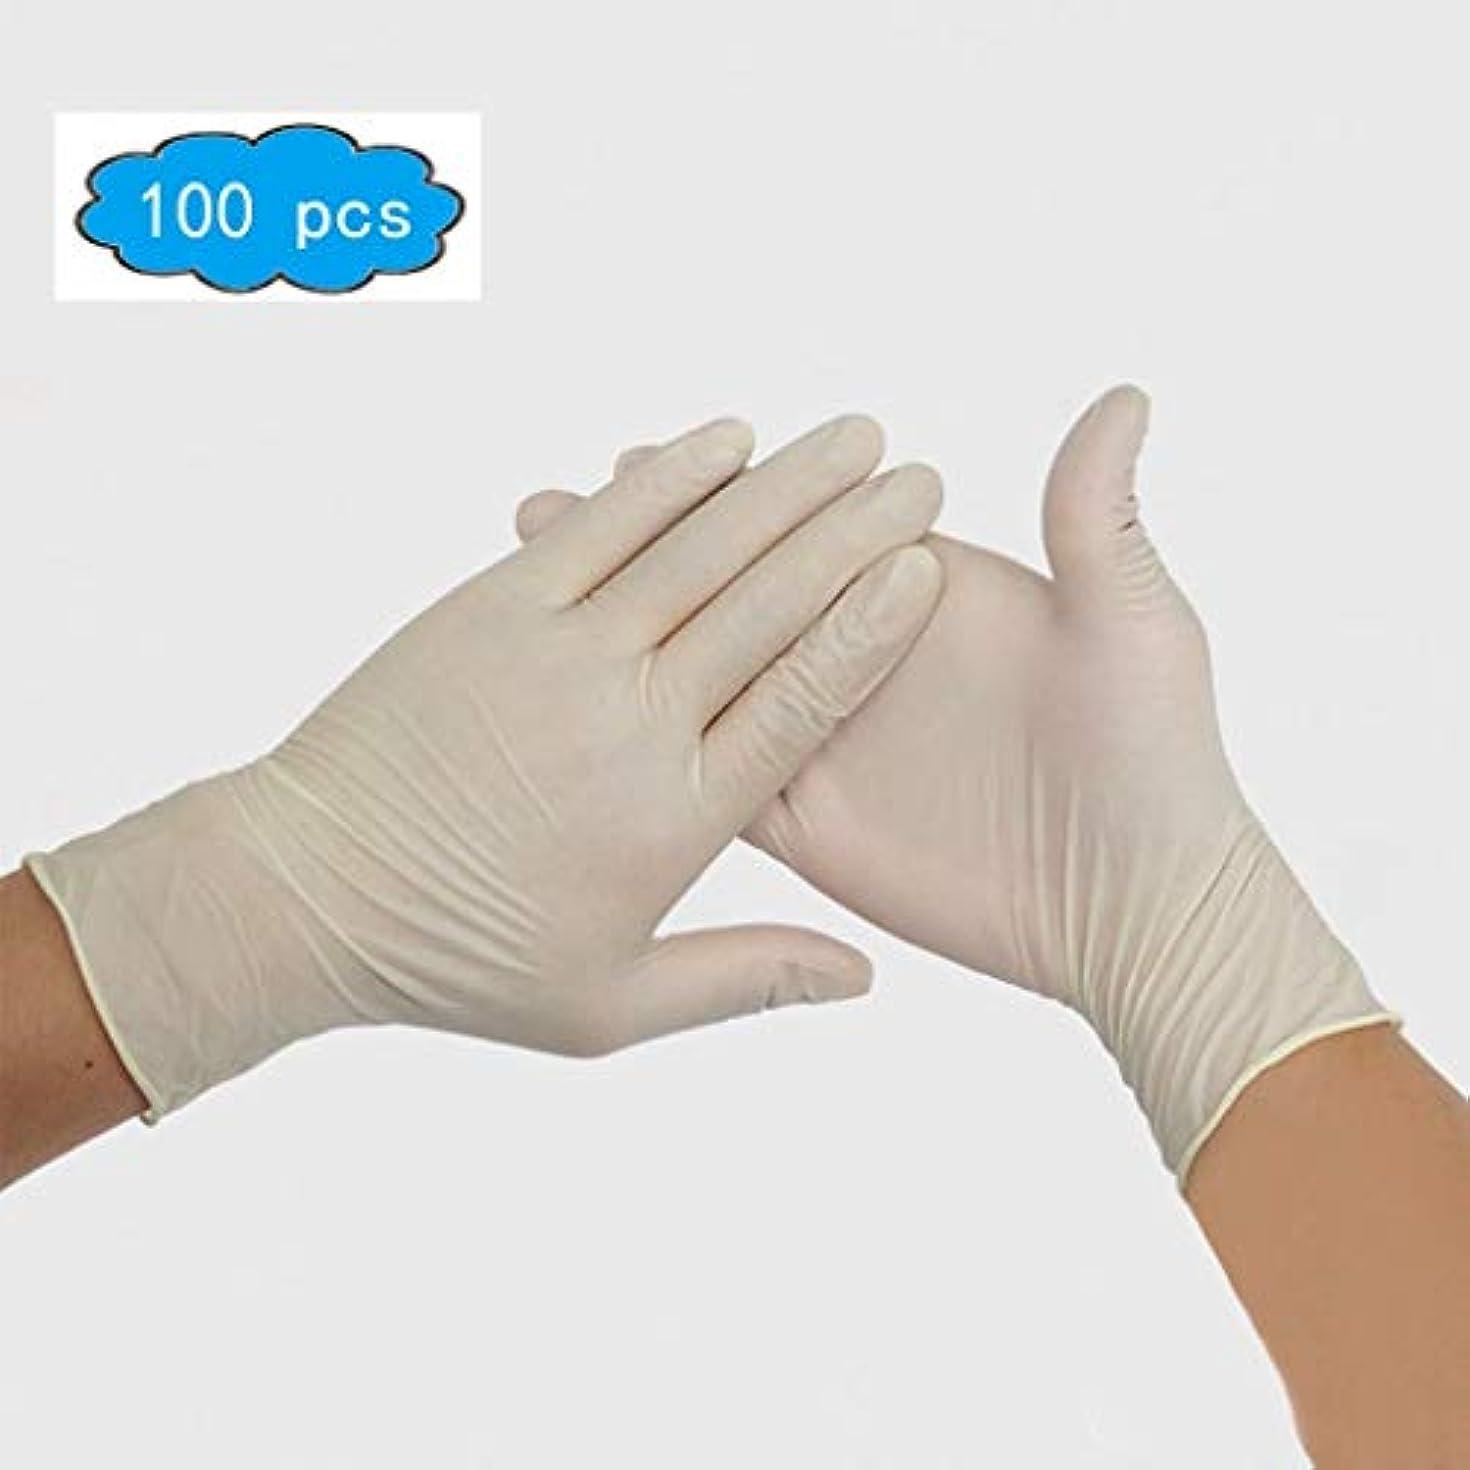 本体読者パンサー使い捨て安全手袋、ラテックス手袋、無菌、パウダーフリー、滑らかな接触、食品等級、大型[100パック]家庭用品 (Color : Milky, Size : M)